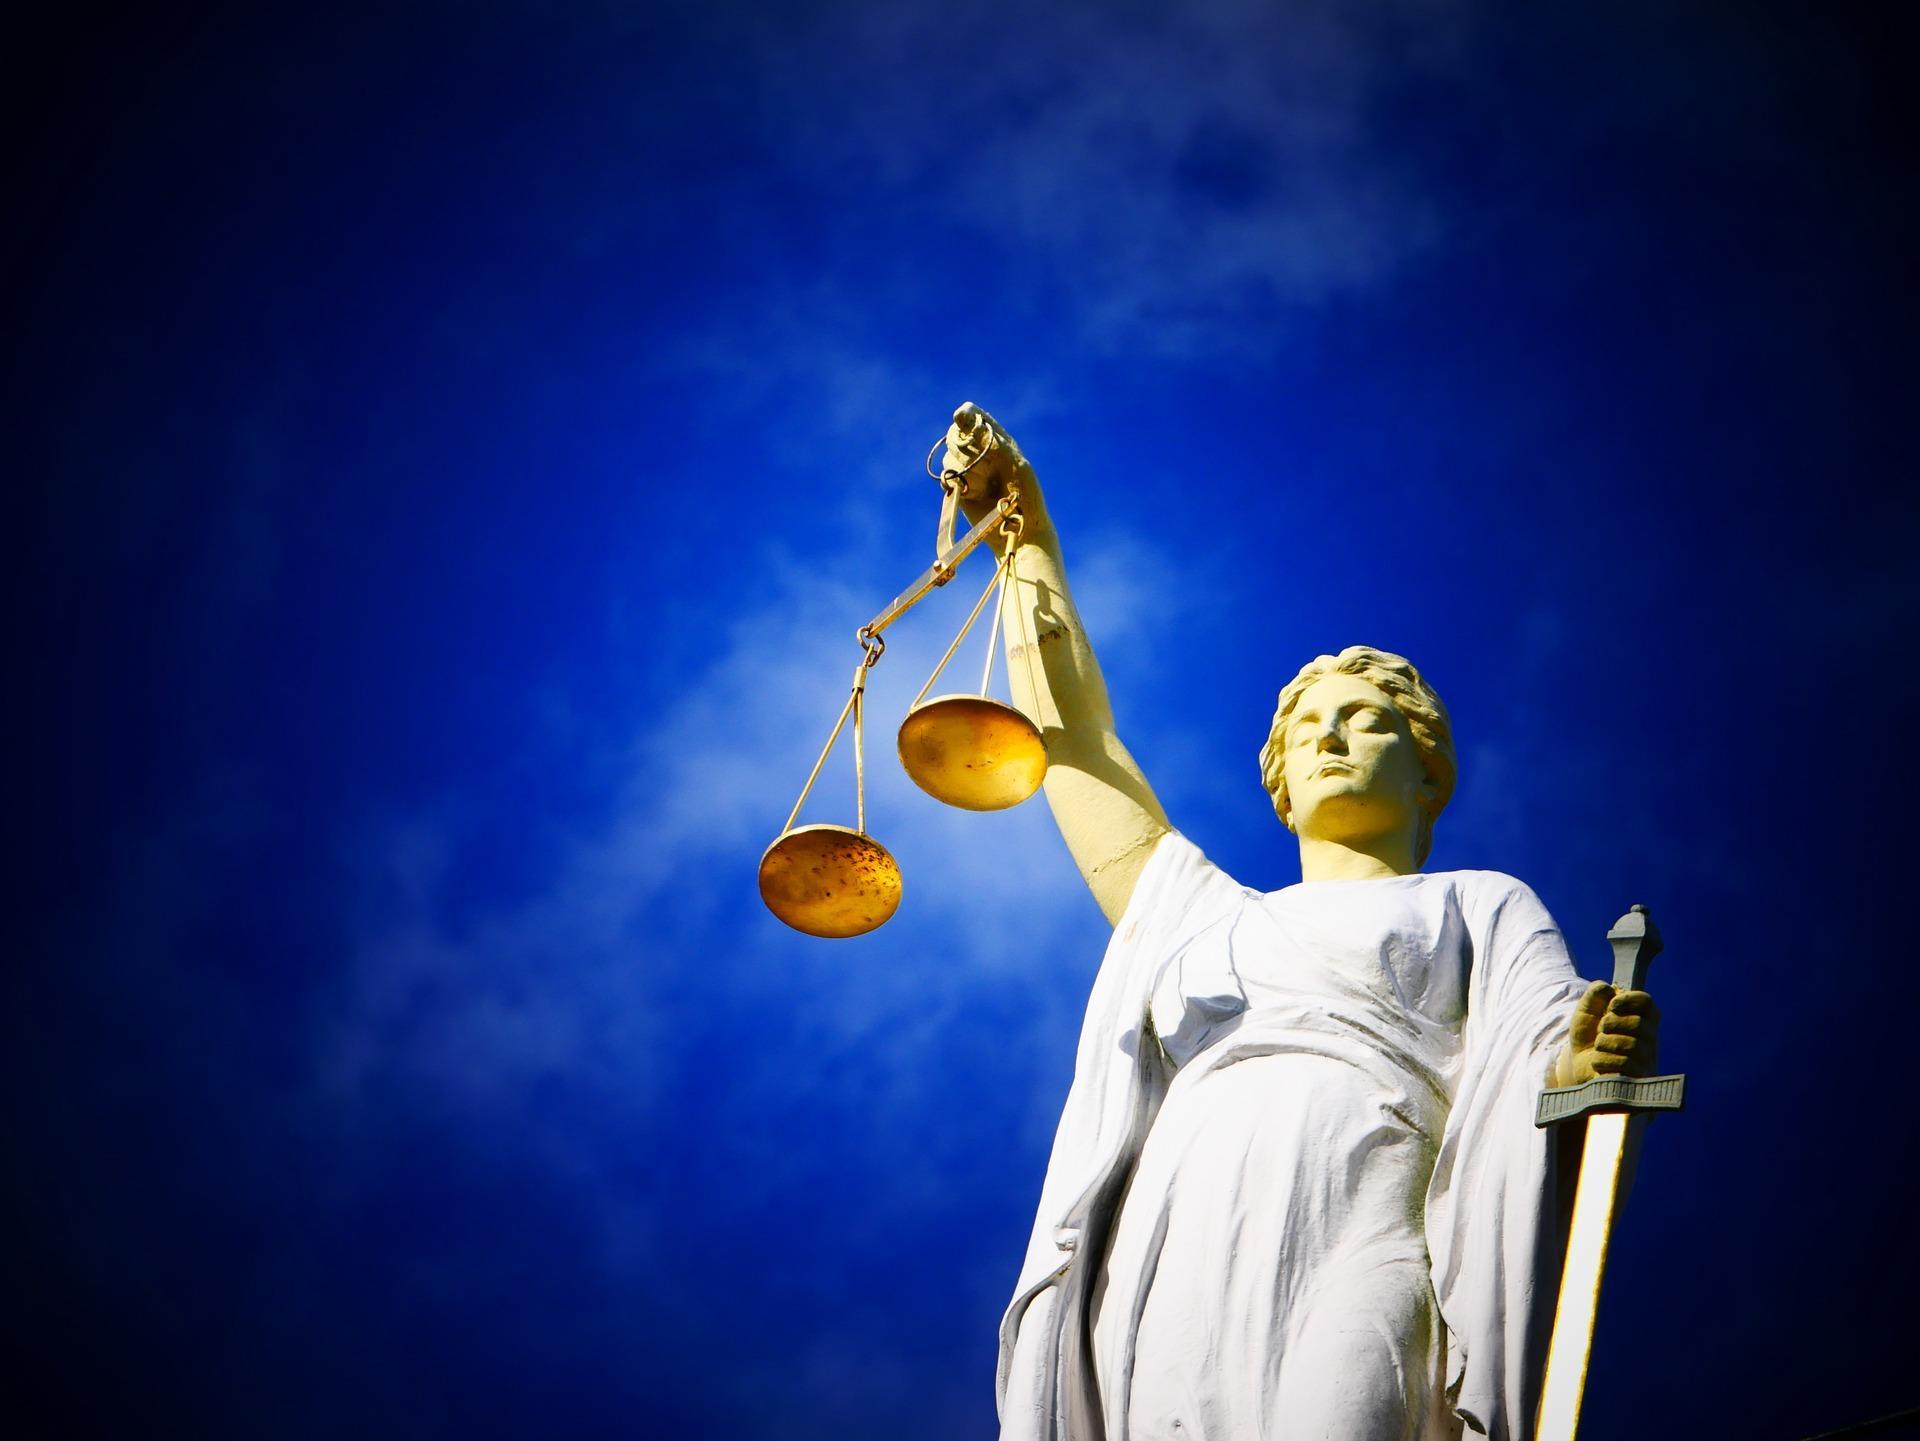 Voortzetten zaak rondom steekpartij 'onverantwoordelijk' omdat Zaandammers geen advocaat hebben